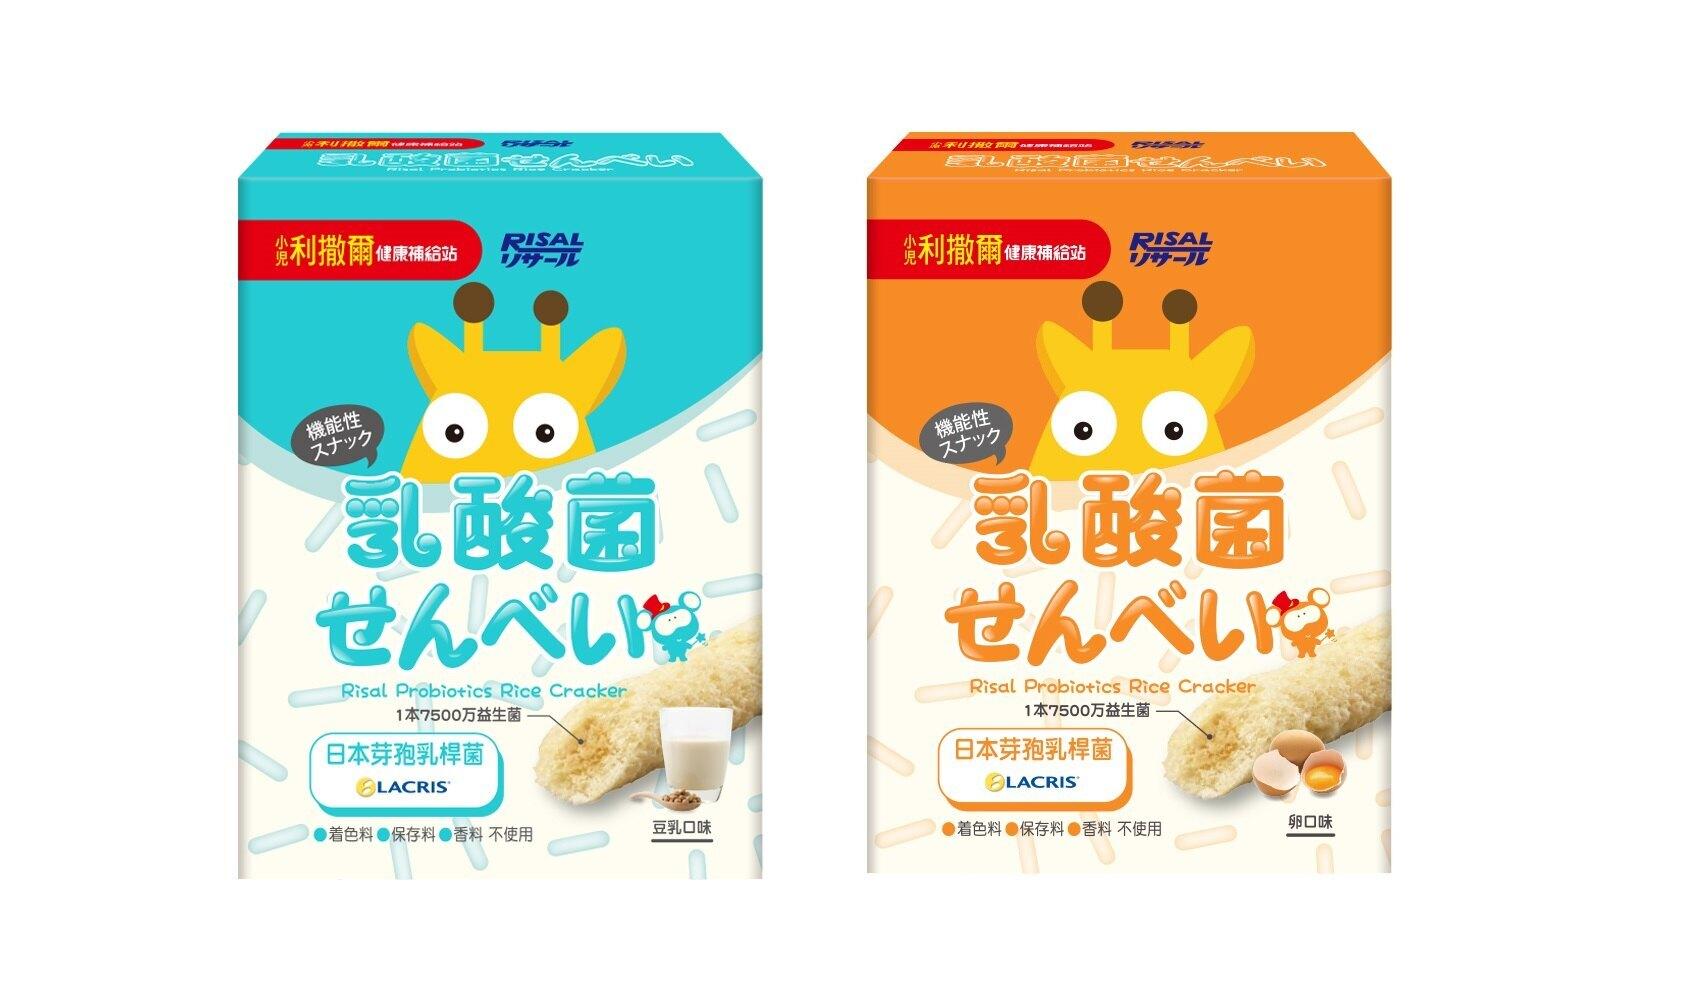 小兒利撒爾 乳酸菌夾心米果 豆乳(8入)/乳酸菌夾心米果 卵(8入)